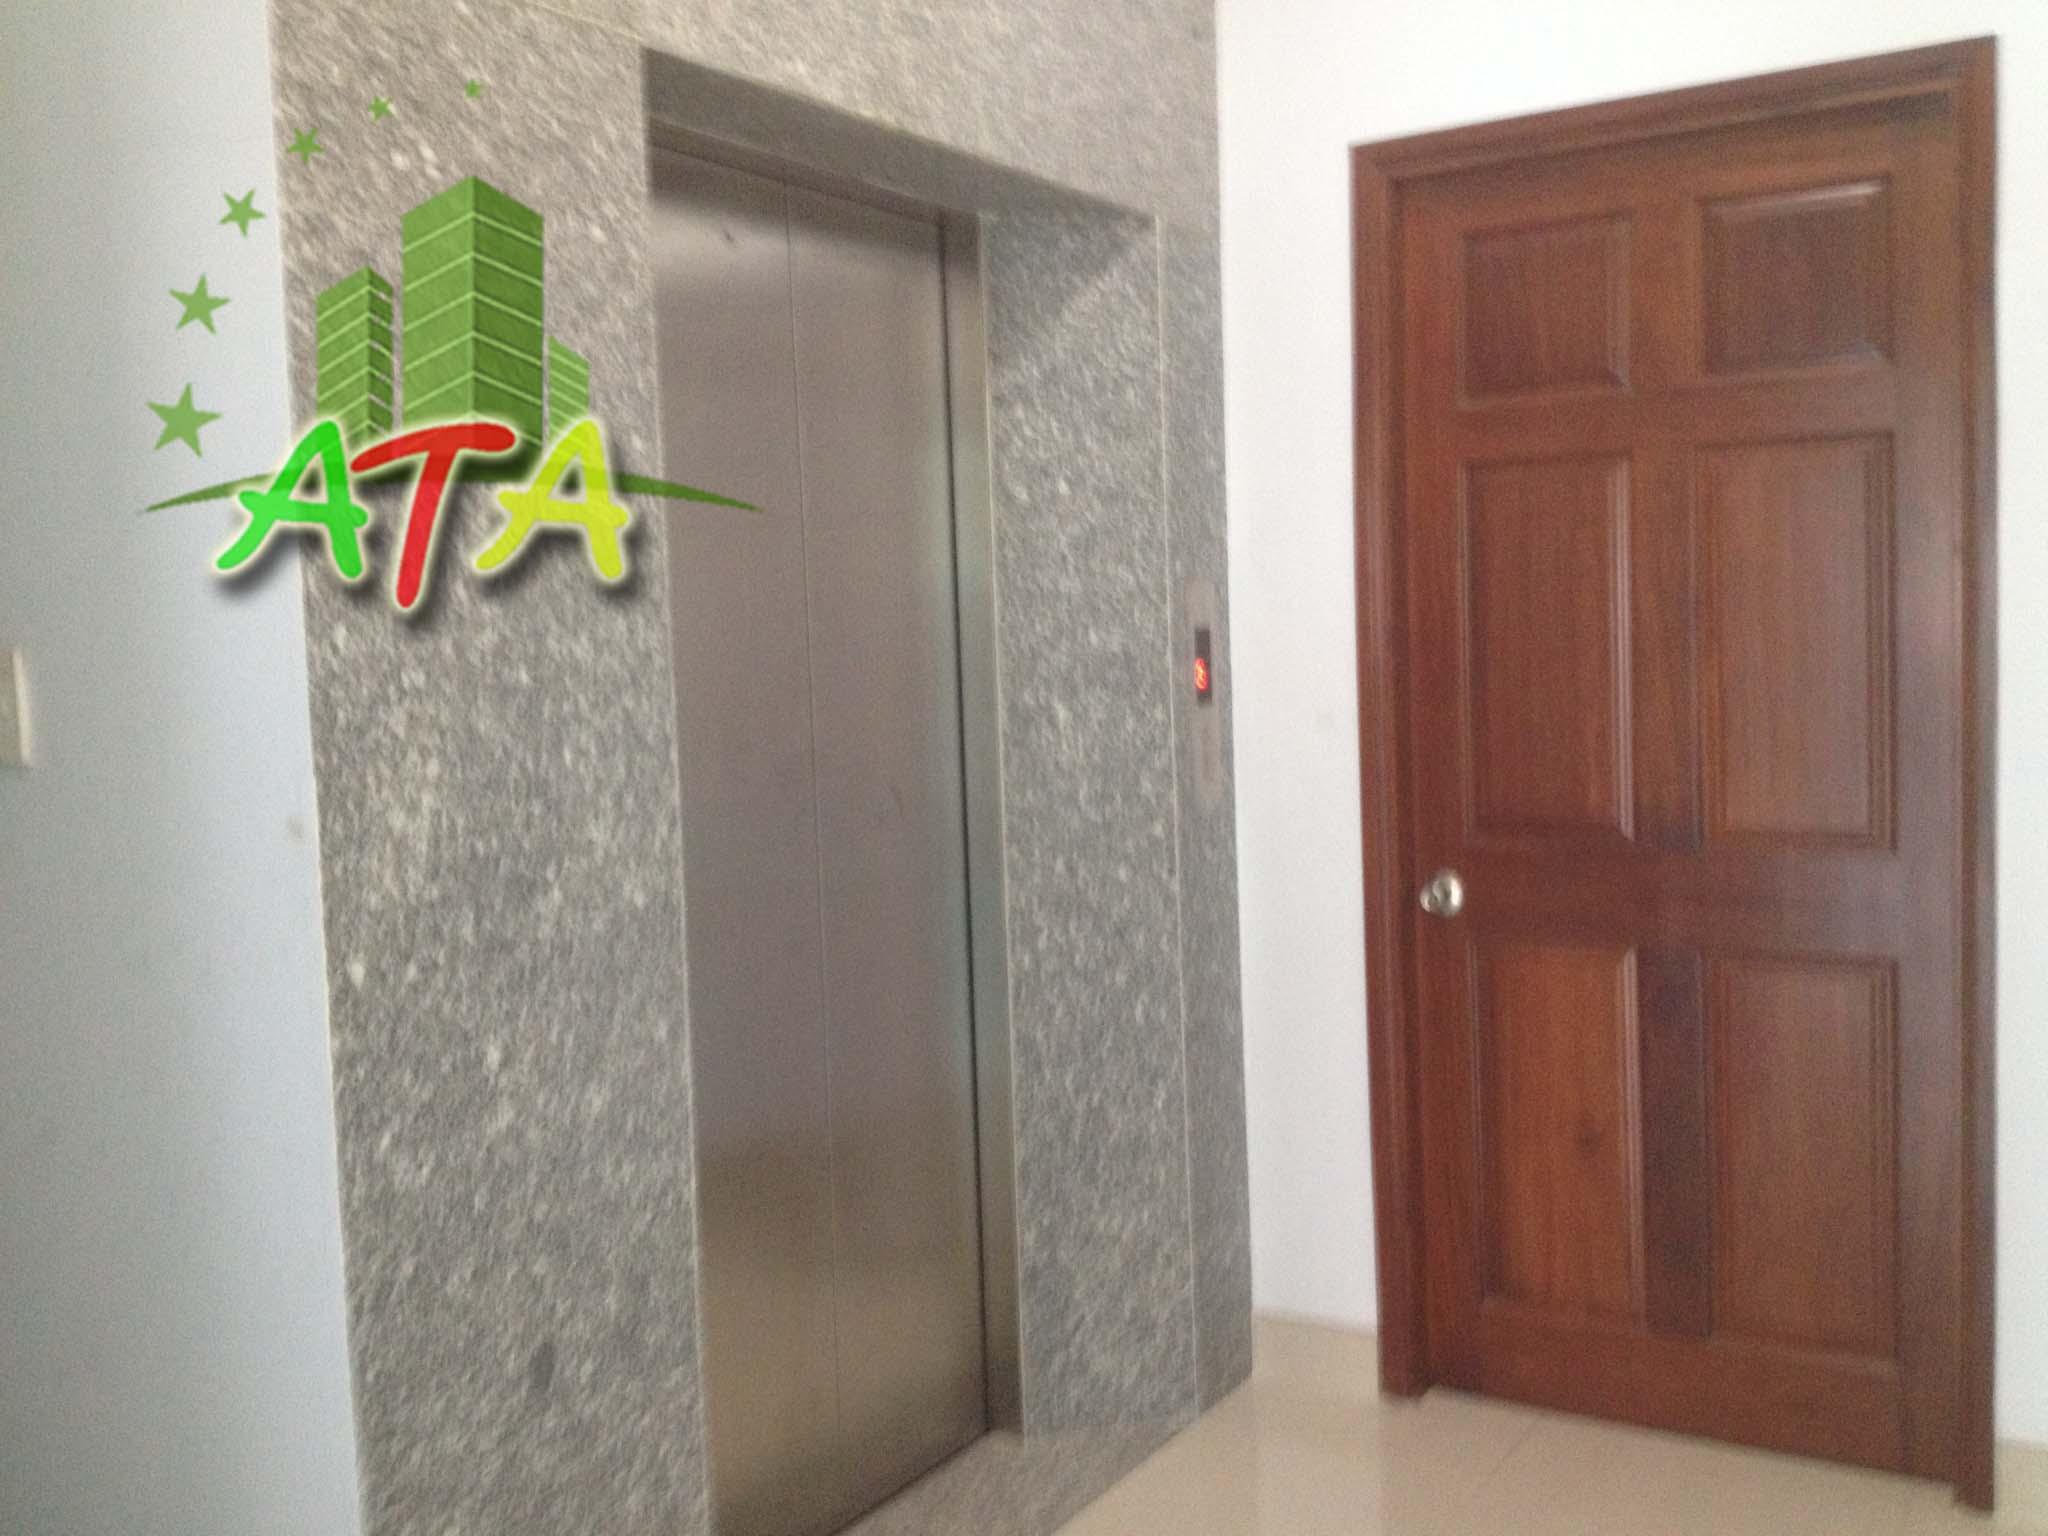 văn phòng cho thuê quận Tân Bình, đường Bạch Đằng, TP HCM, office for lease in HCMC